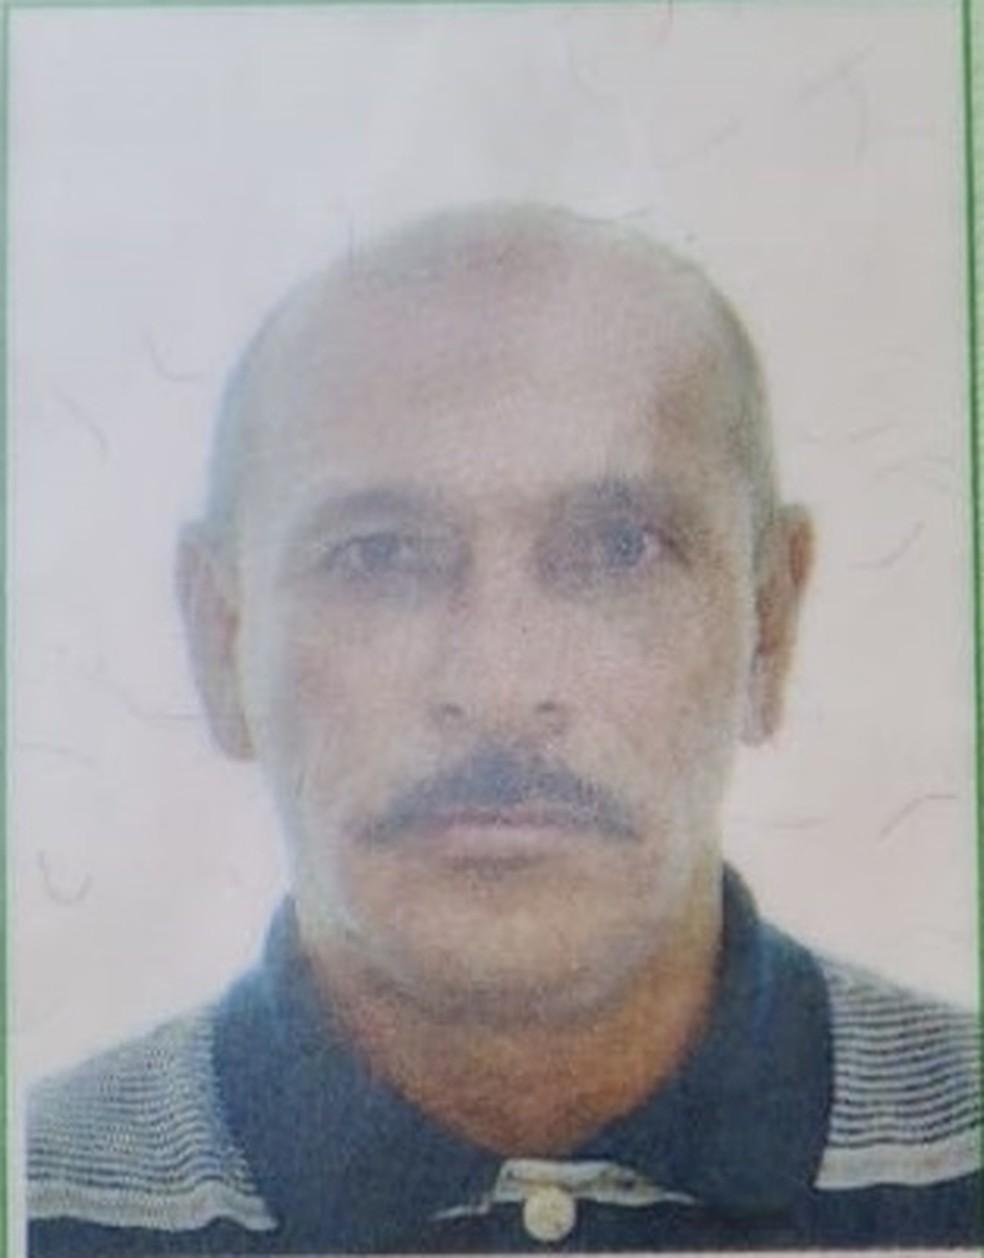 Jessé Albino Firmino, de 50 anos, foi assassinado a tiros em Cariacica — Foto: Reprodução/TV Gazeta